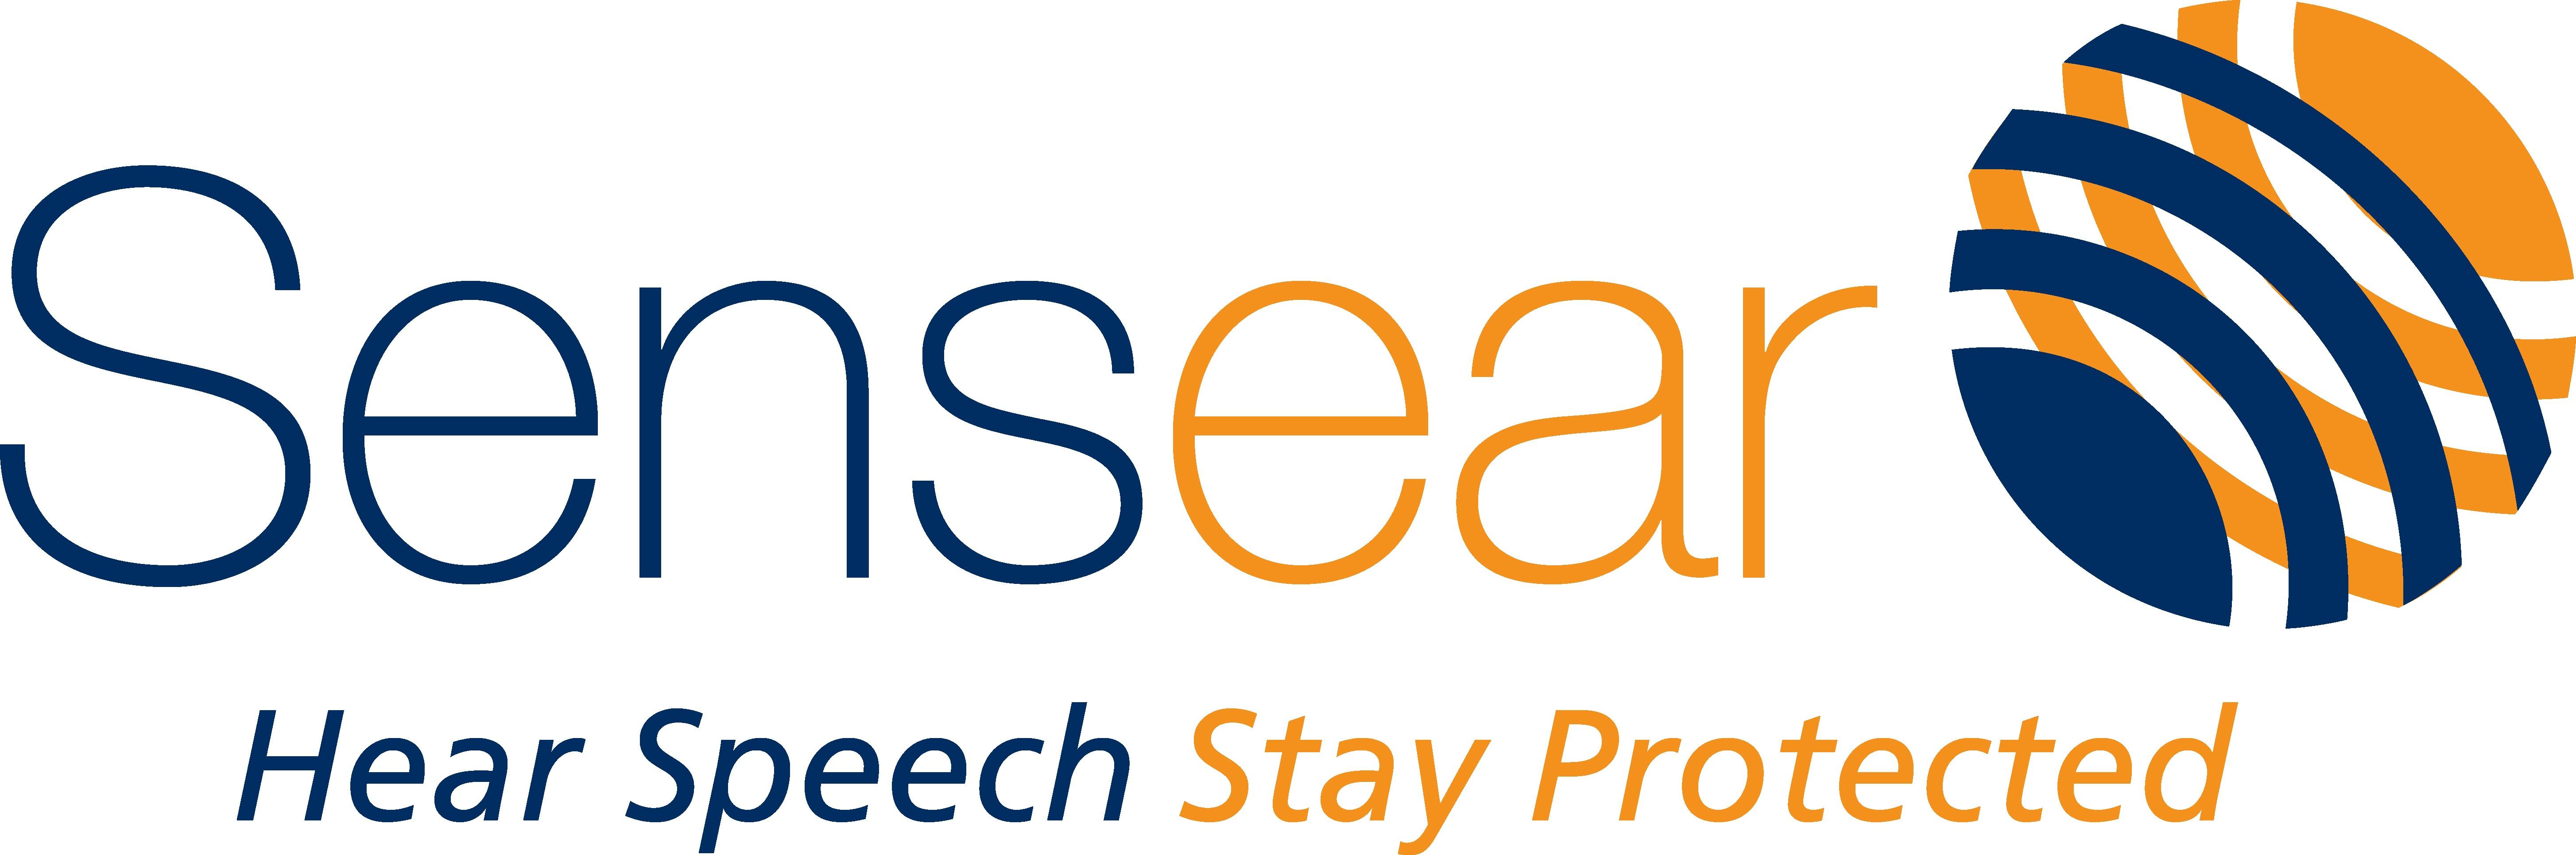 sensear_logo